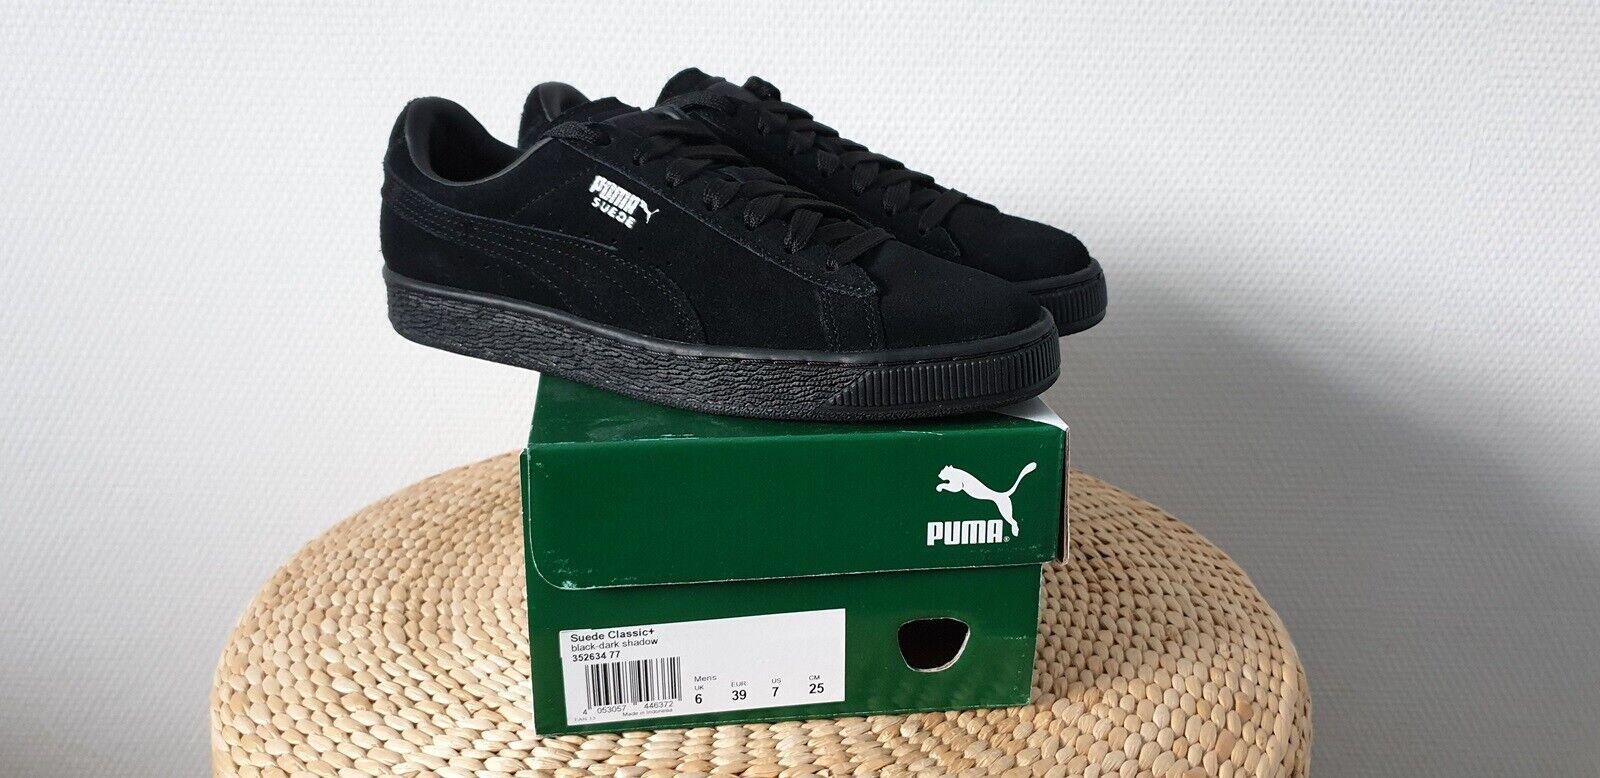 Sneakers PUMA Suede Classic+ 352634 77 BlackDark Shadow